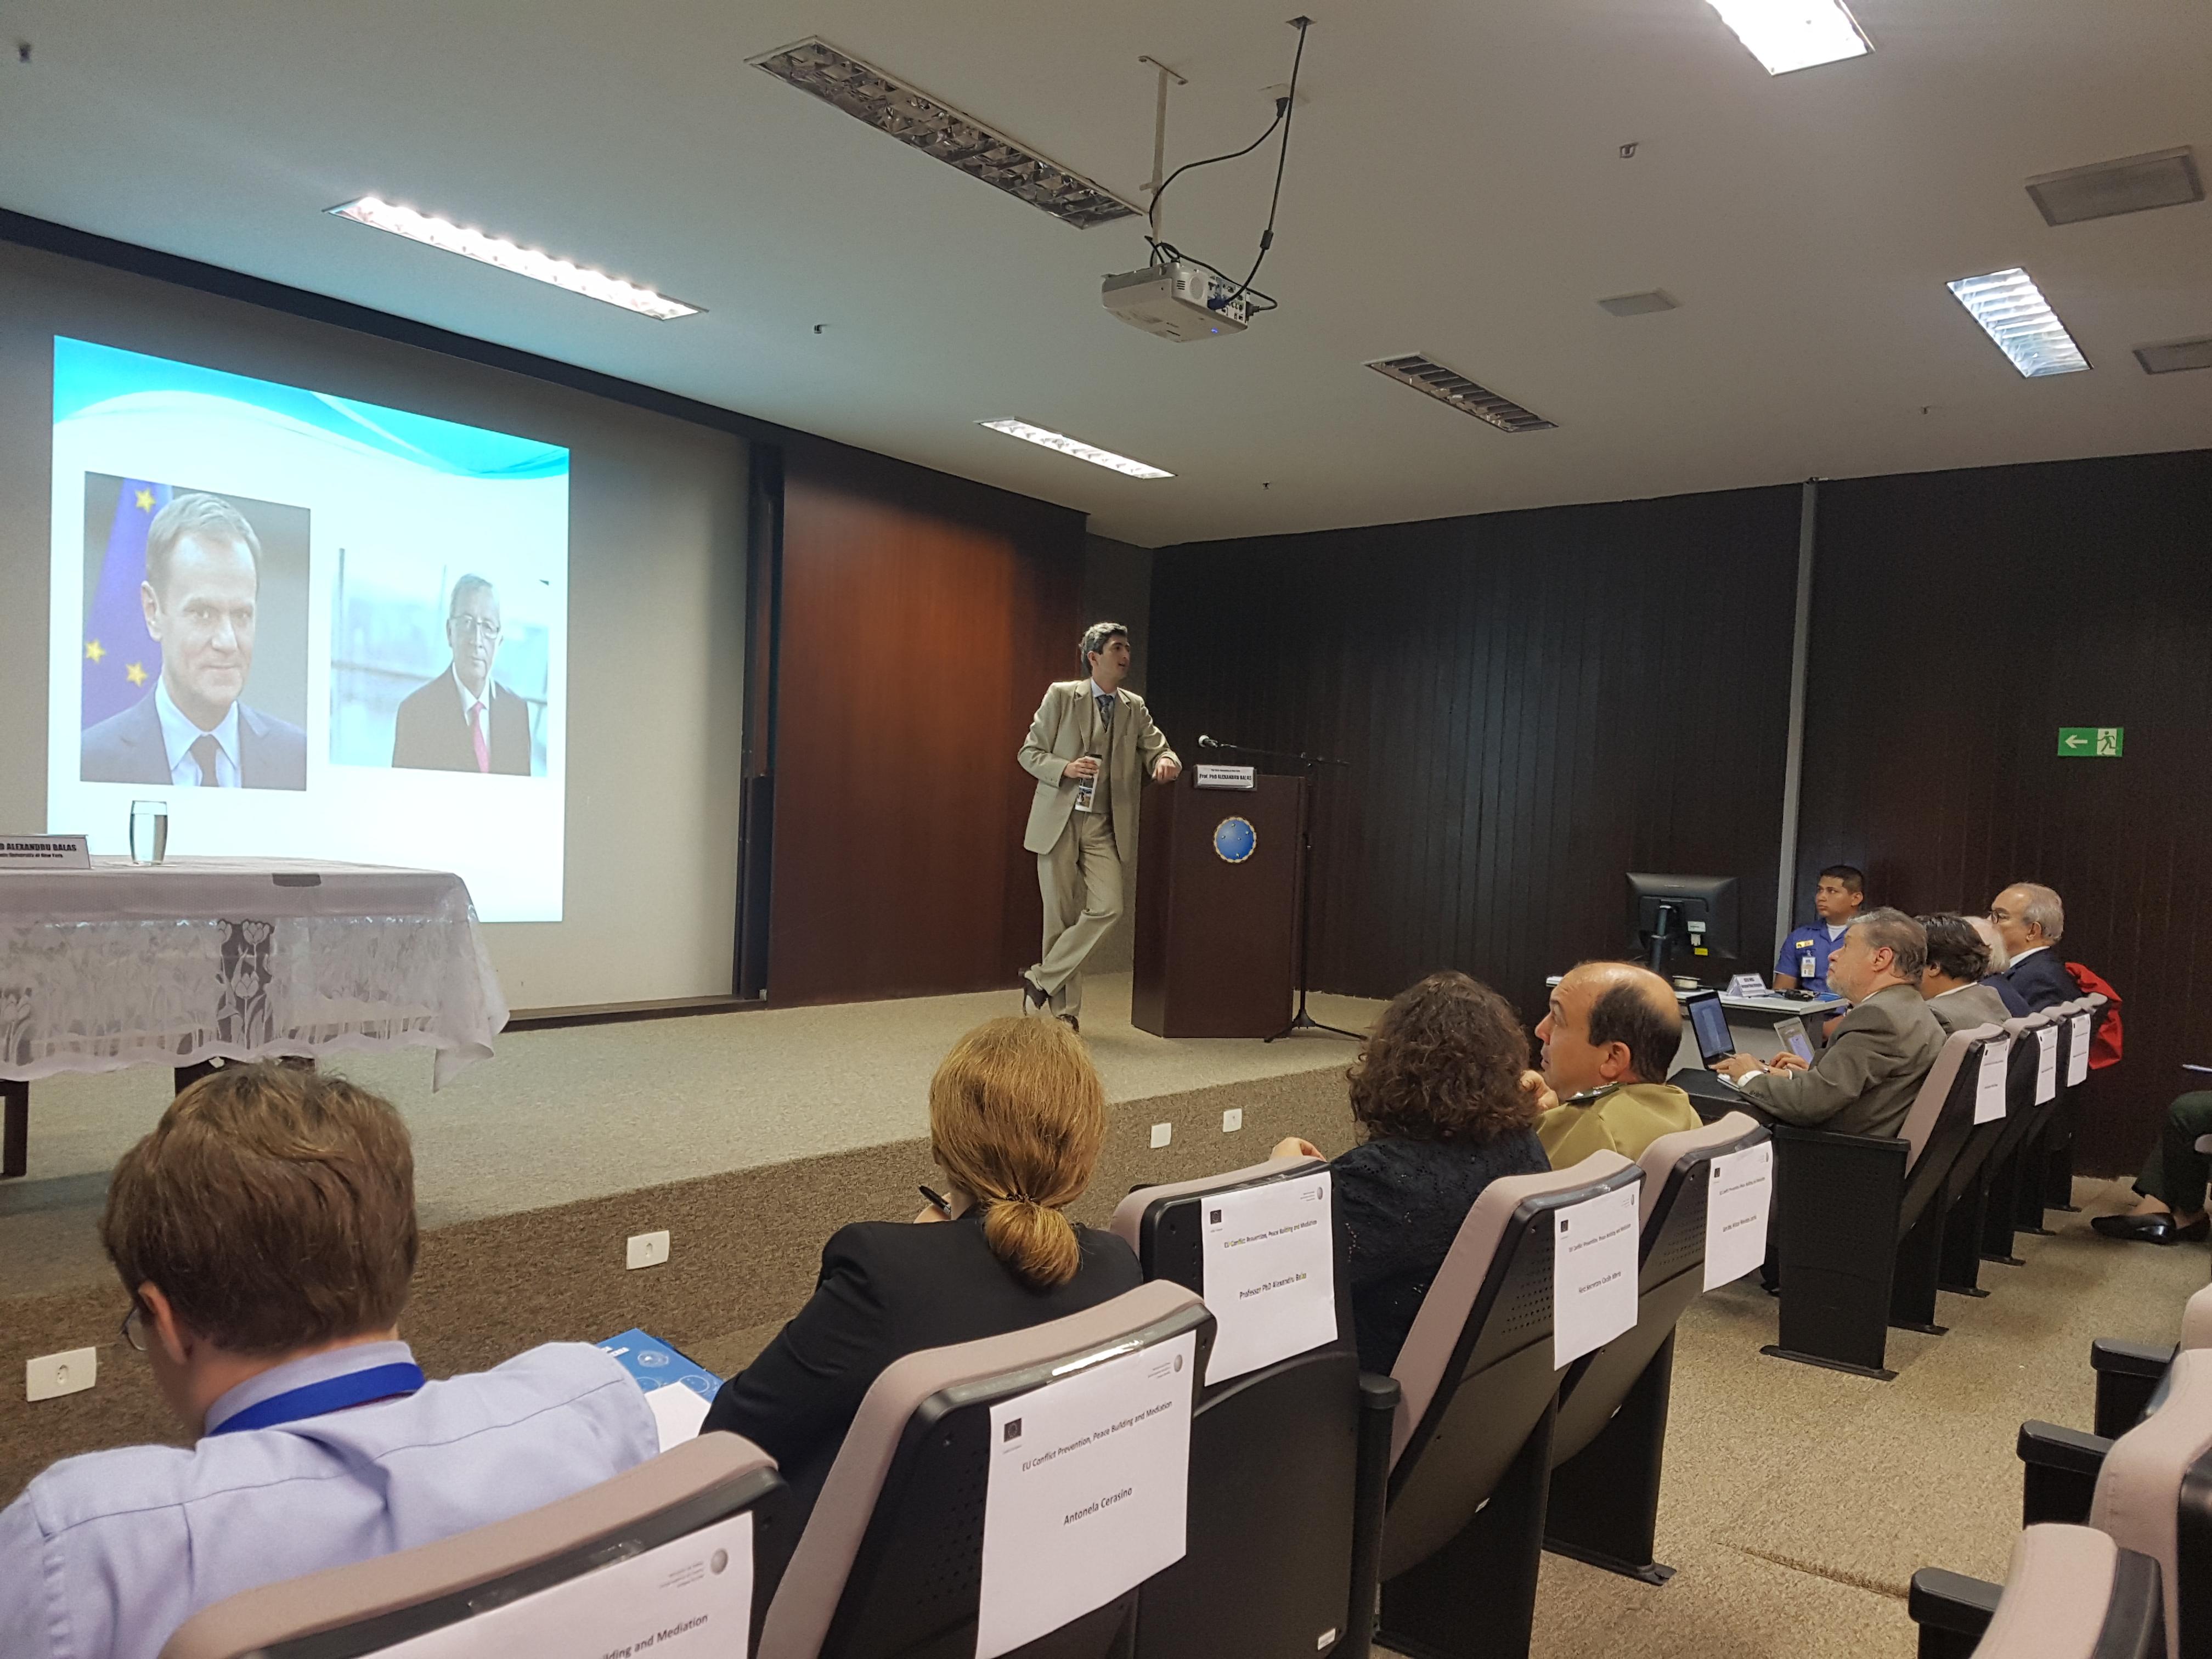 ESG Brasília debate sobre prevenção de conflitos, mediação e construção da paz